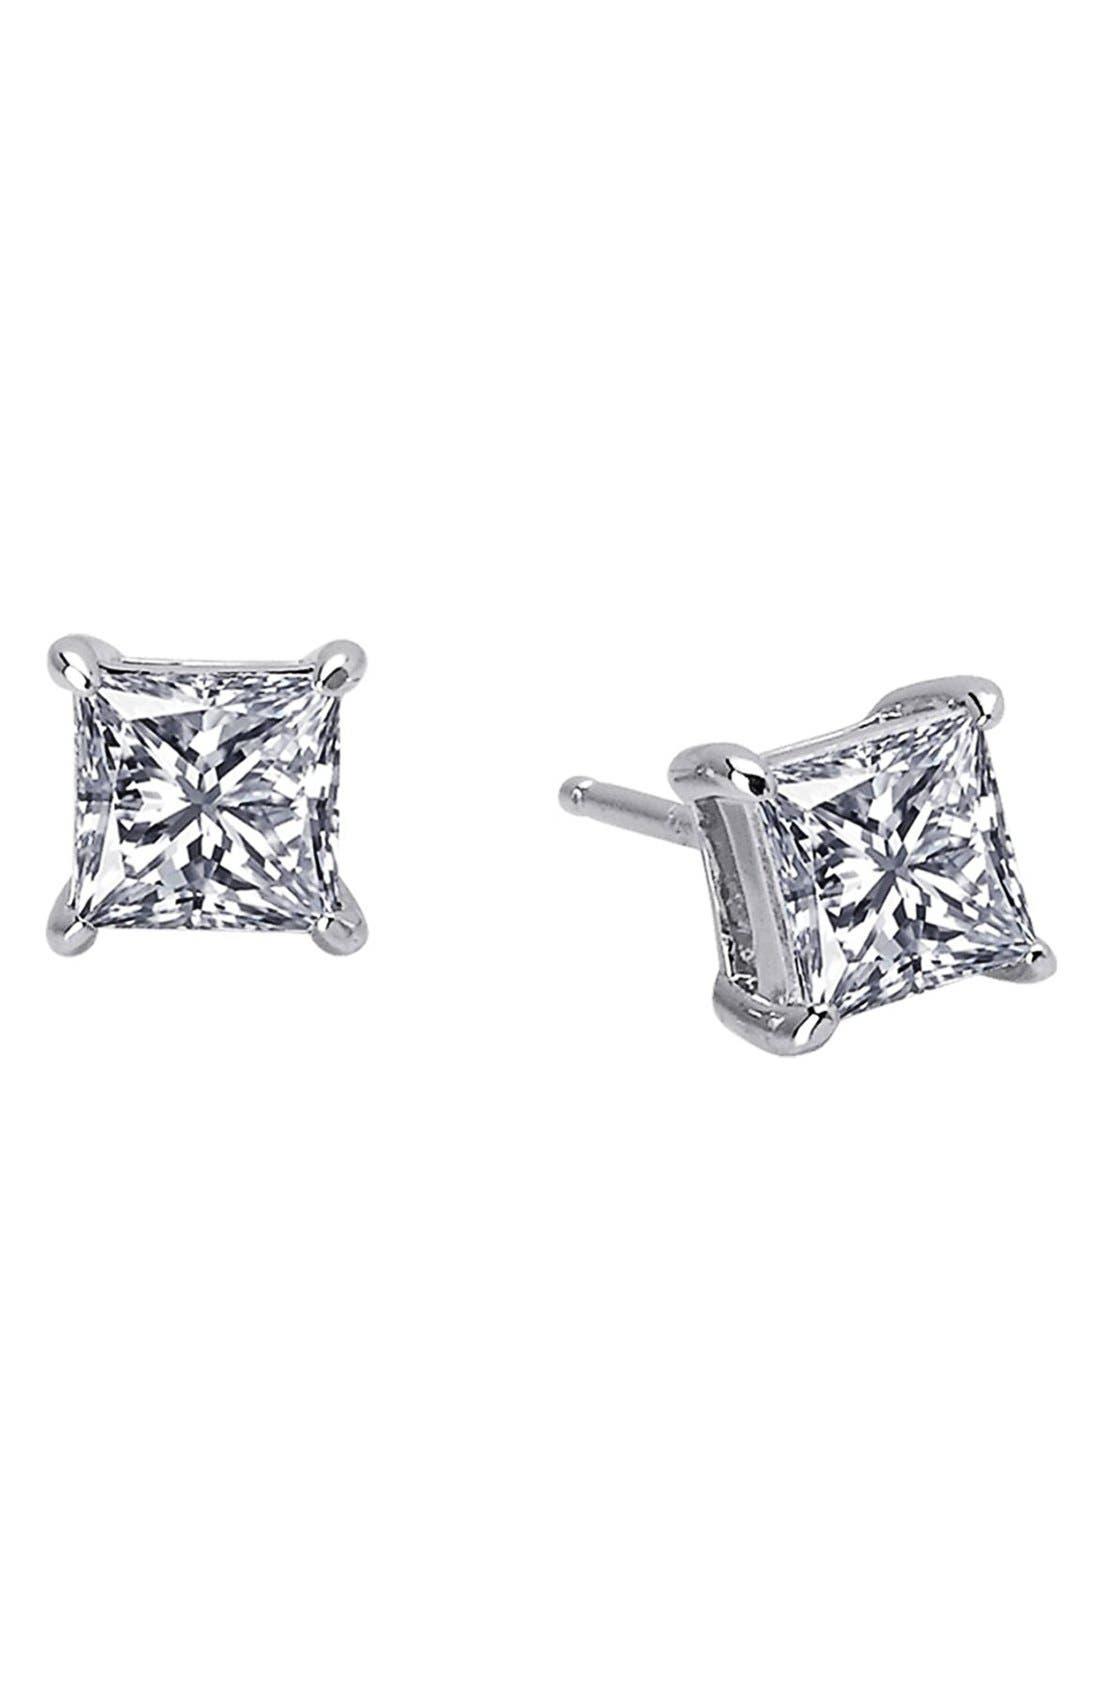 Main Image - Lafonn 'Lassaire' Princess Cut Stud Earrings